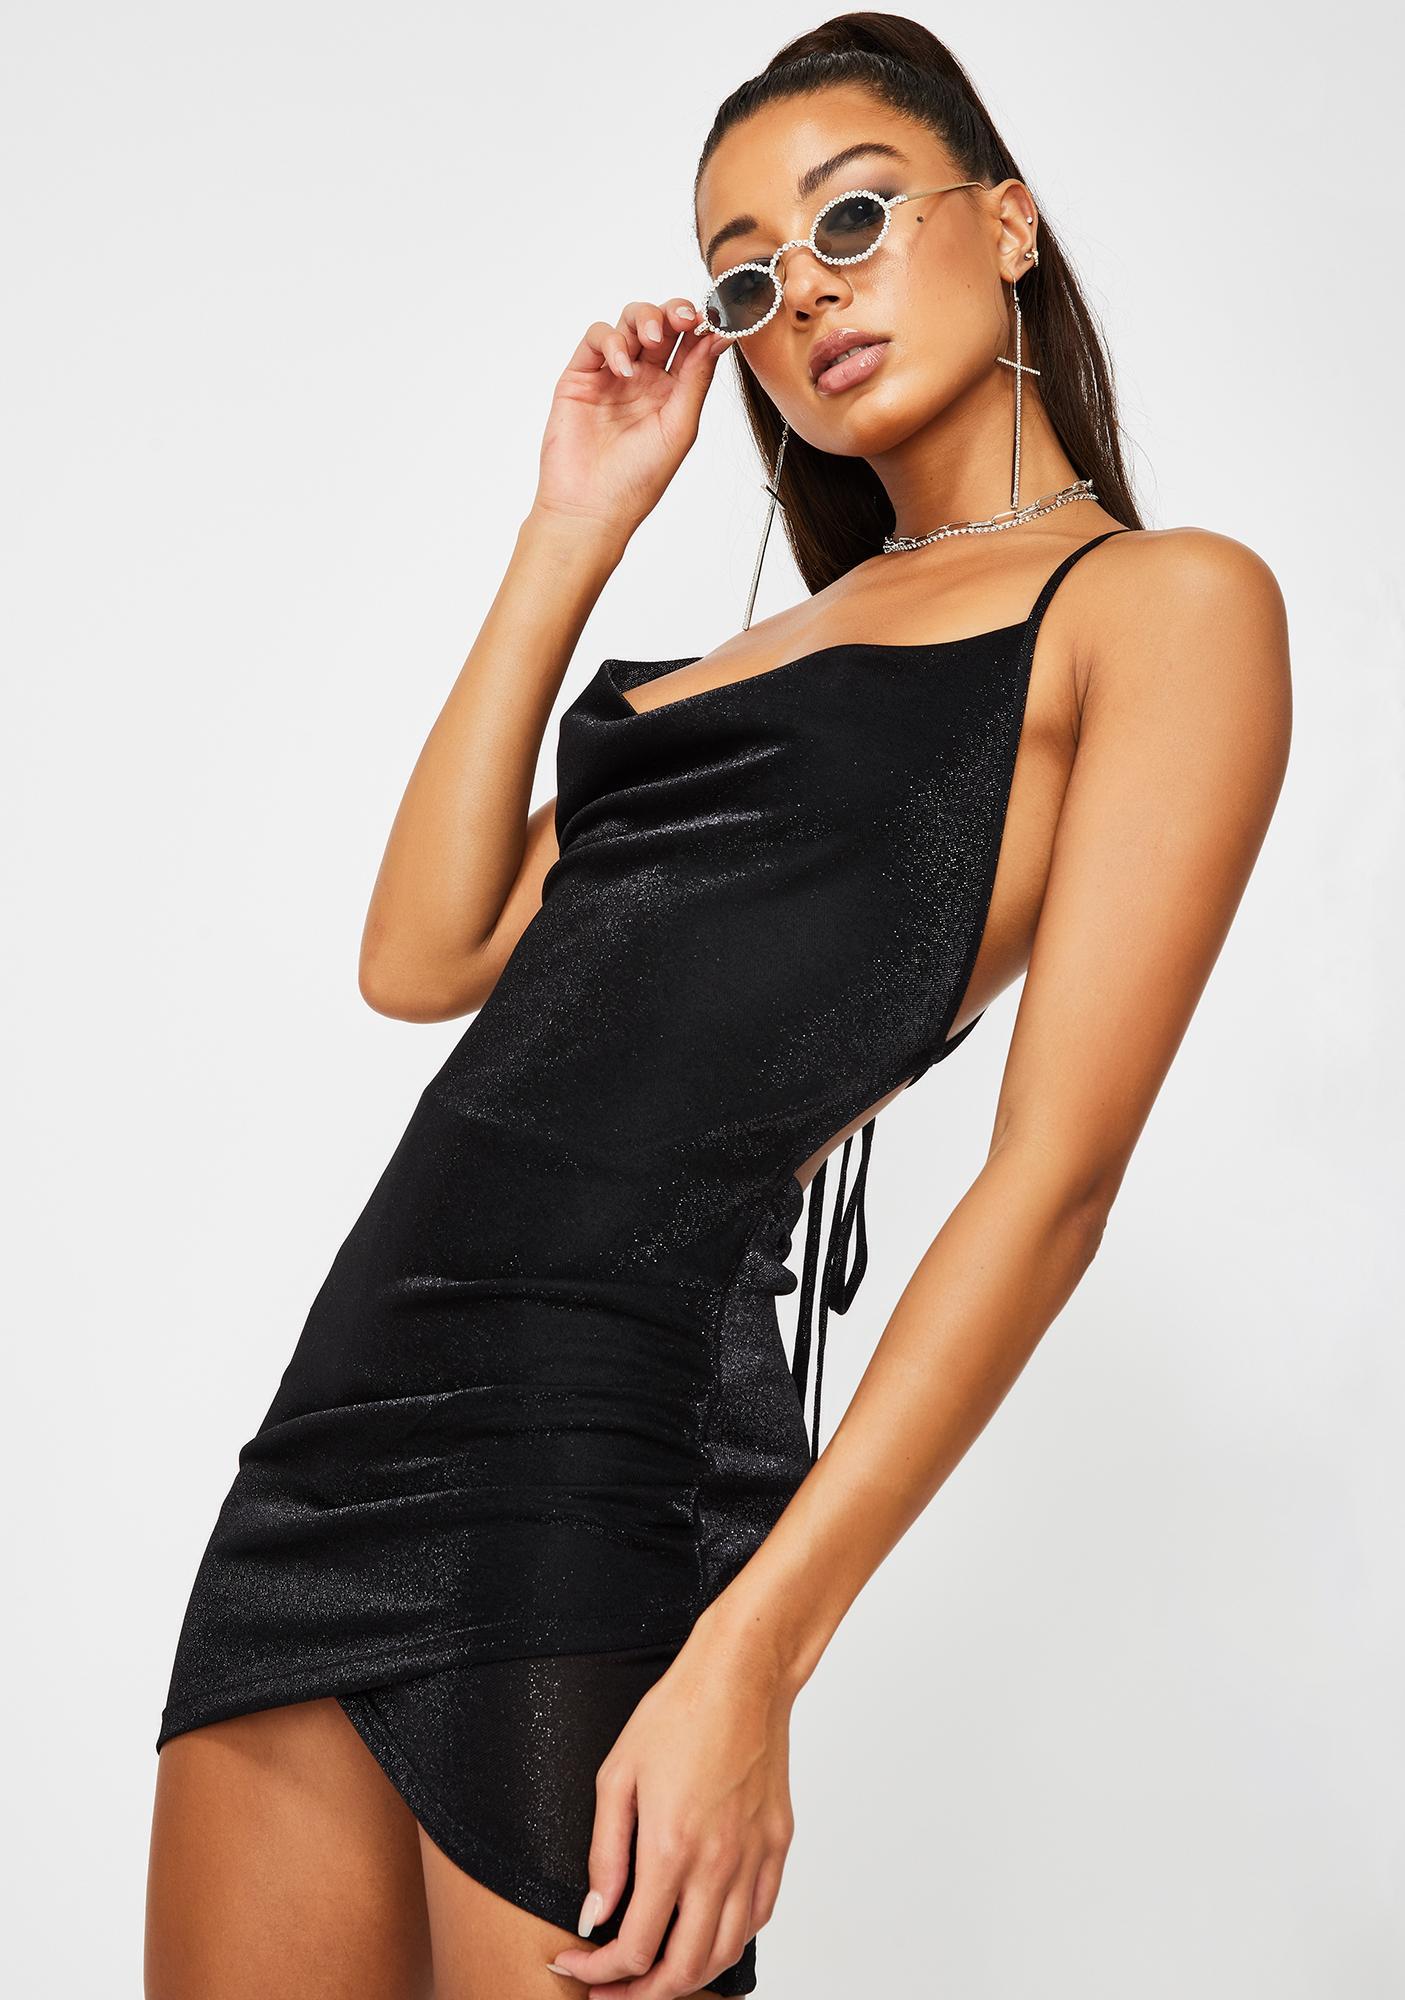 Kiki Riki Ur Just Jelly Cowl Dress